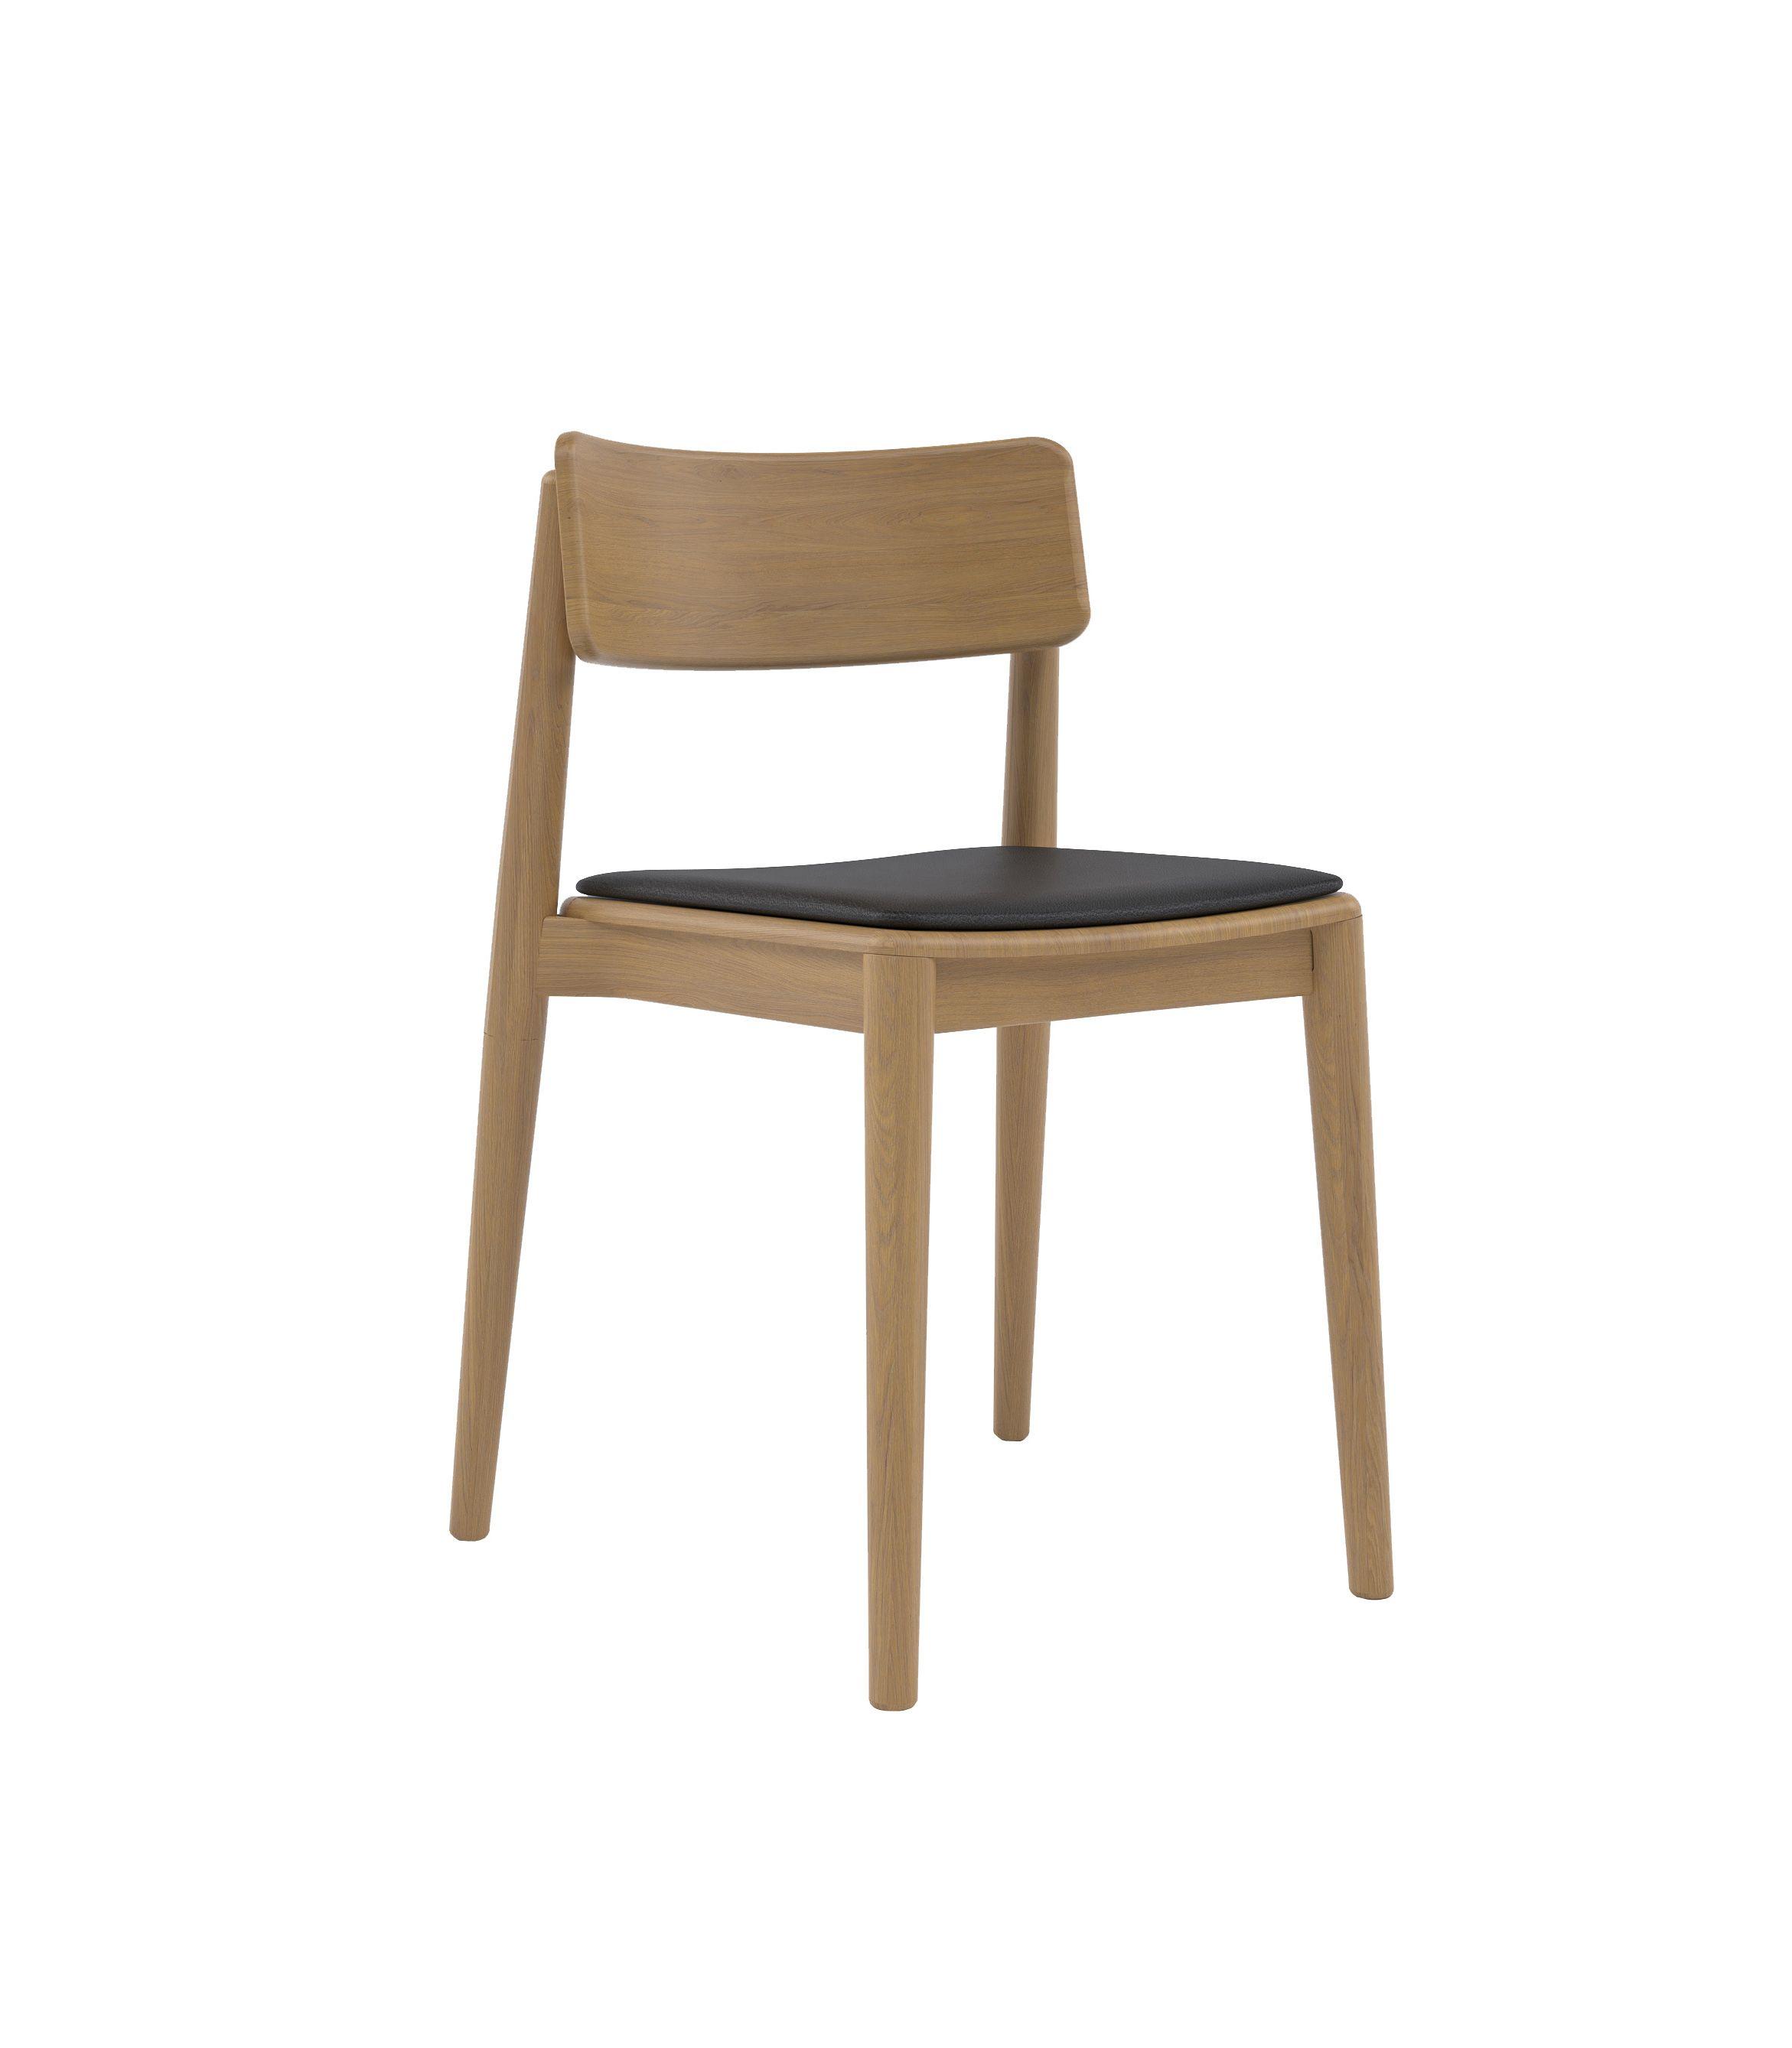 nowoczesne krzesło dębowe polski design